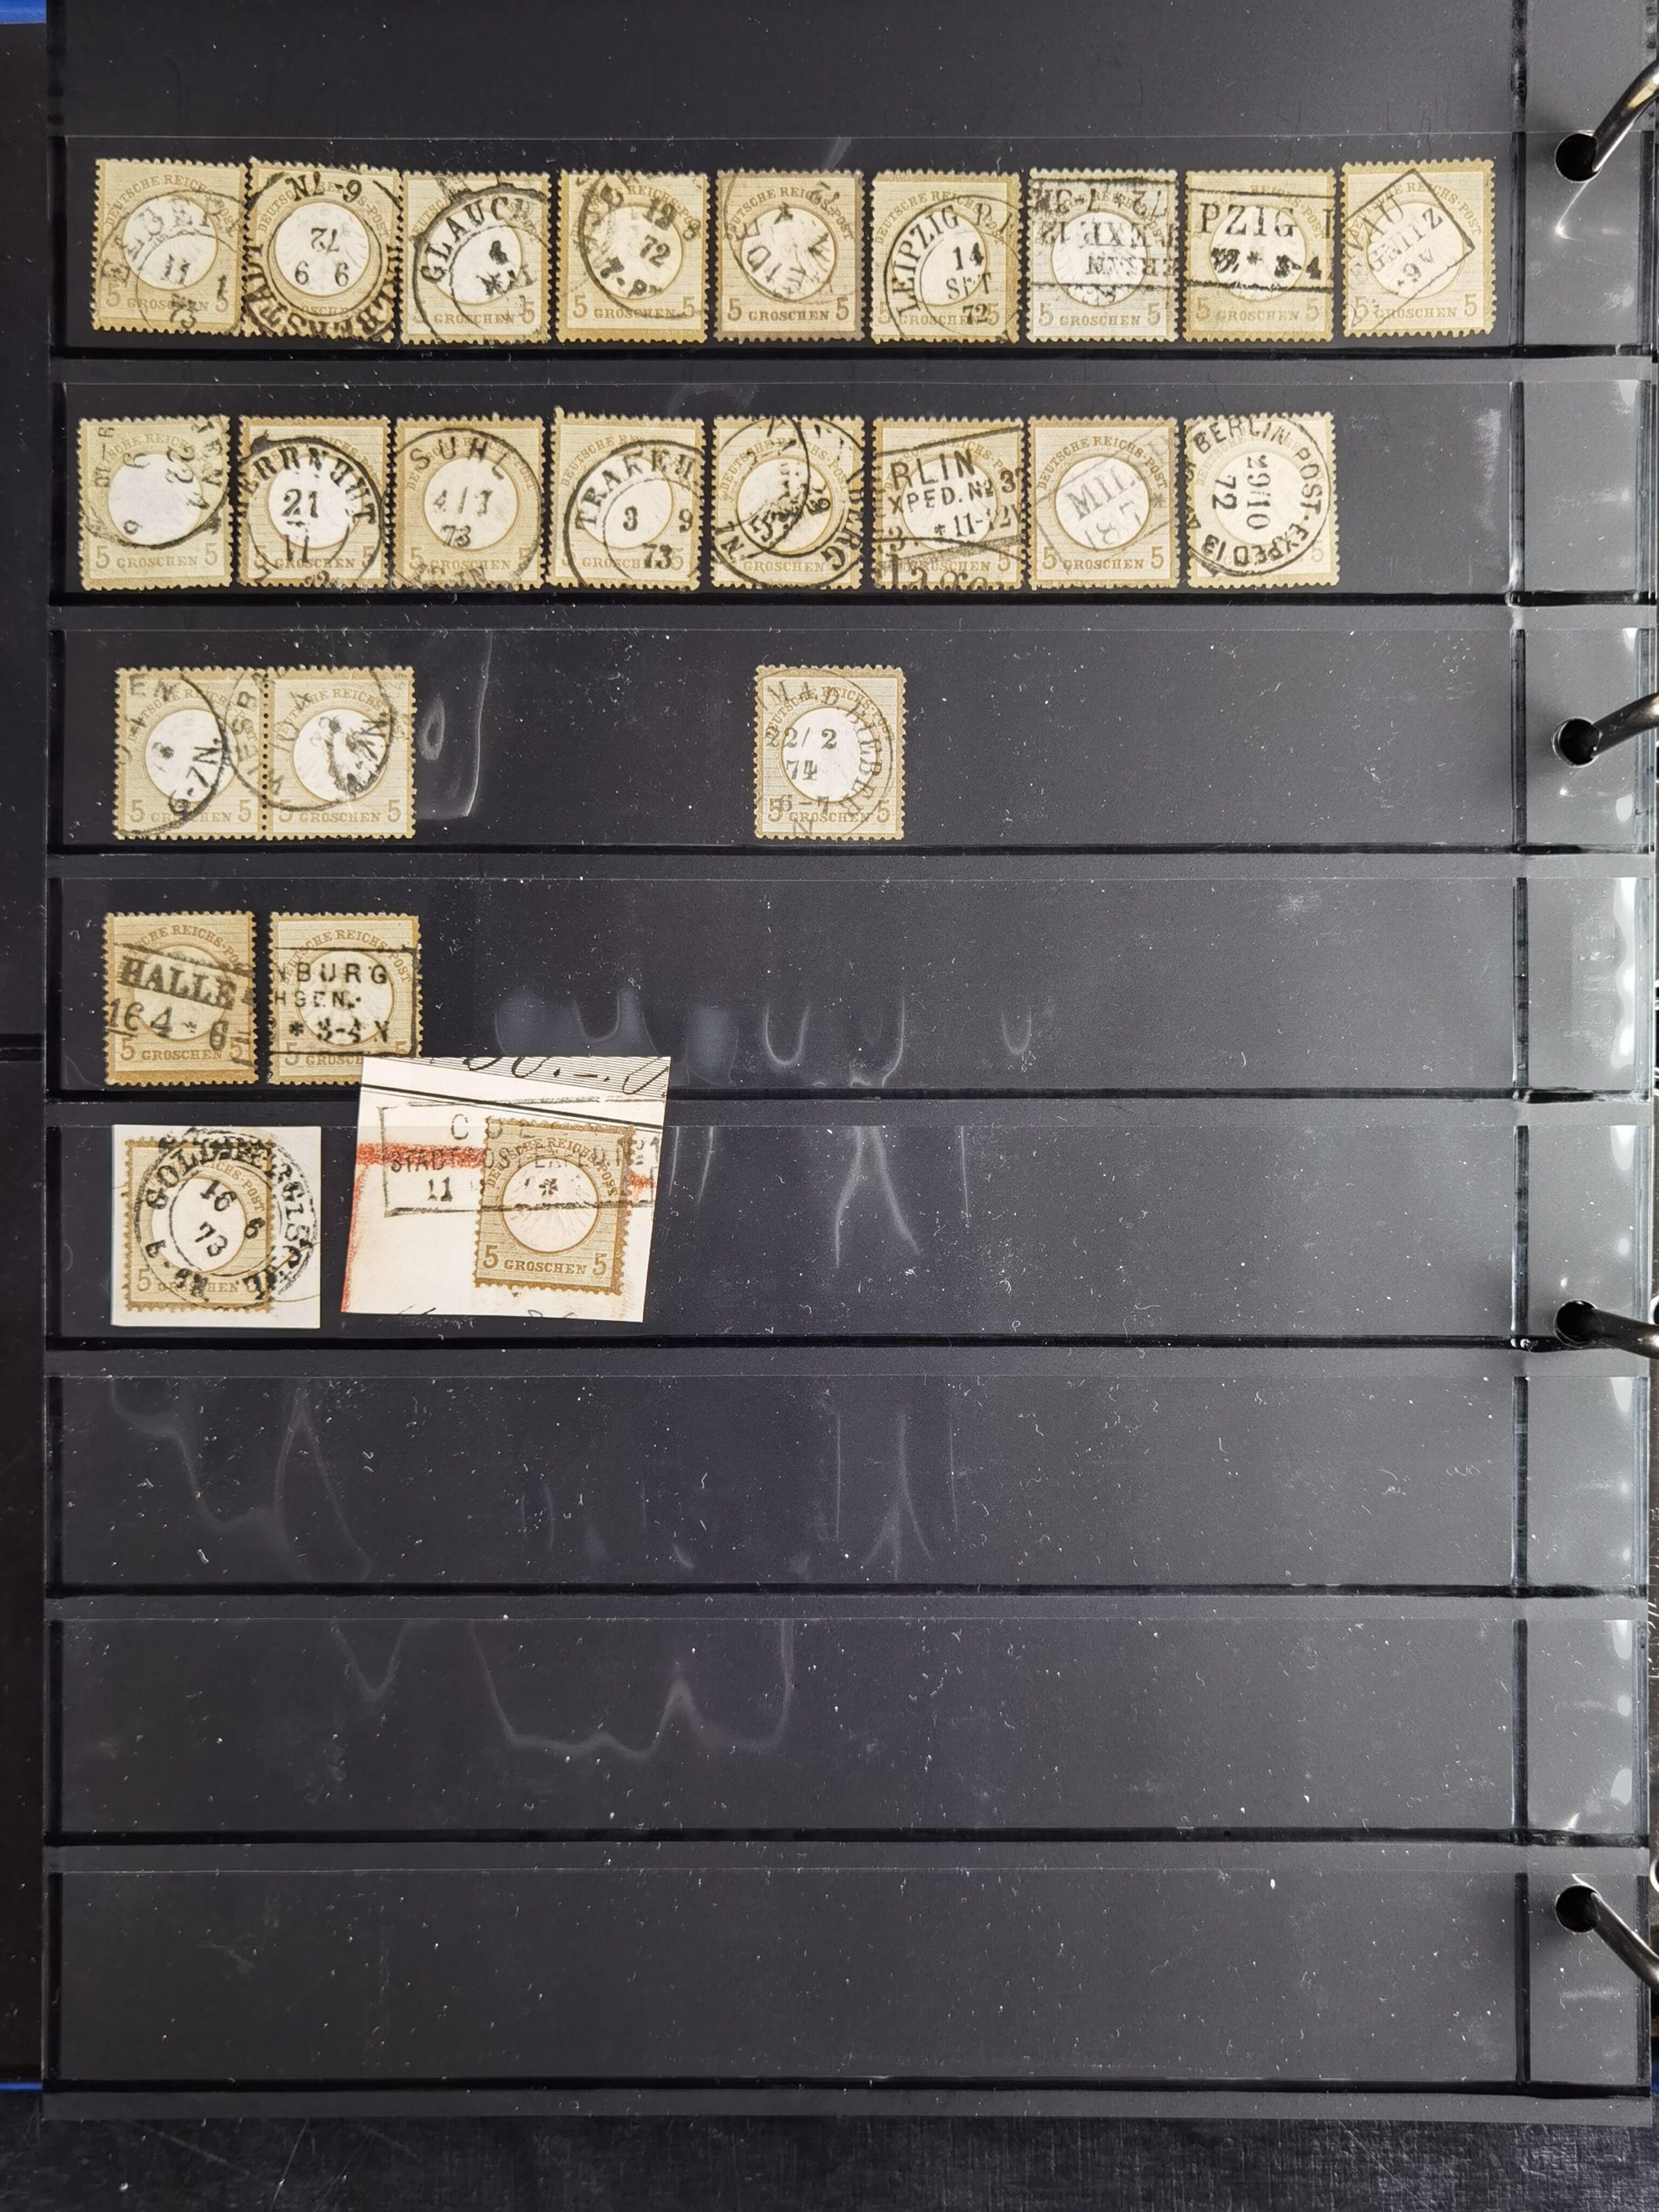 Lot 3610 - Main catalogue German Empire -  Heinrich Koehler Auktionen Heinrich Köhler Auction 377 - Day 3